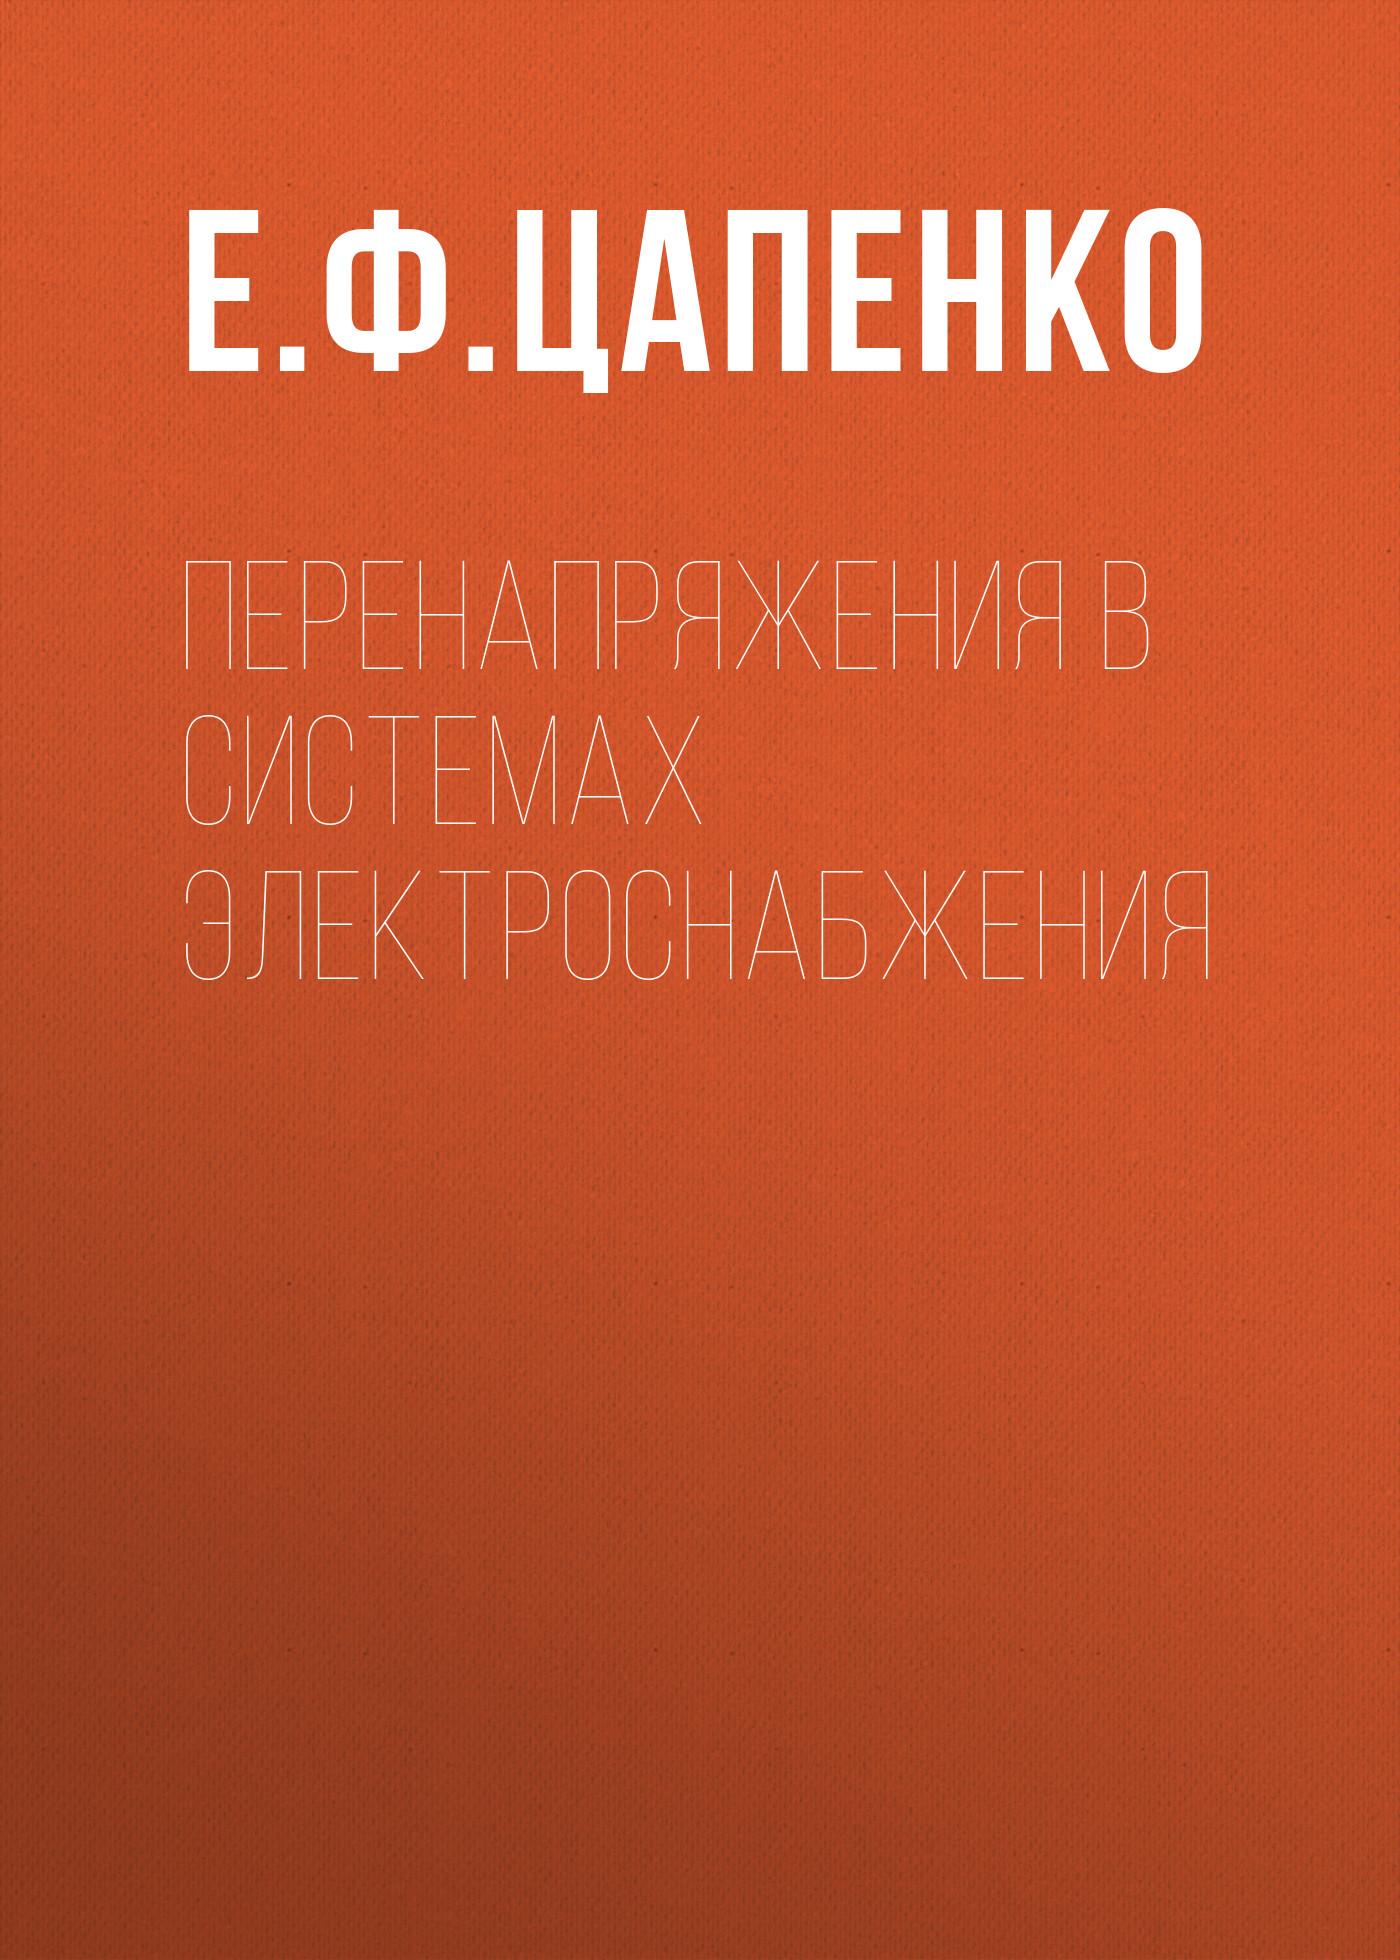 Е. Ф. Цапенко Перенапряжения в системах электроснабжения е ф цапенко электробезопасность на горных предприятиях